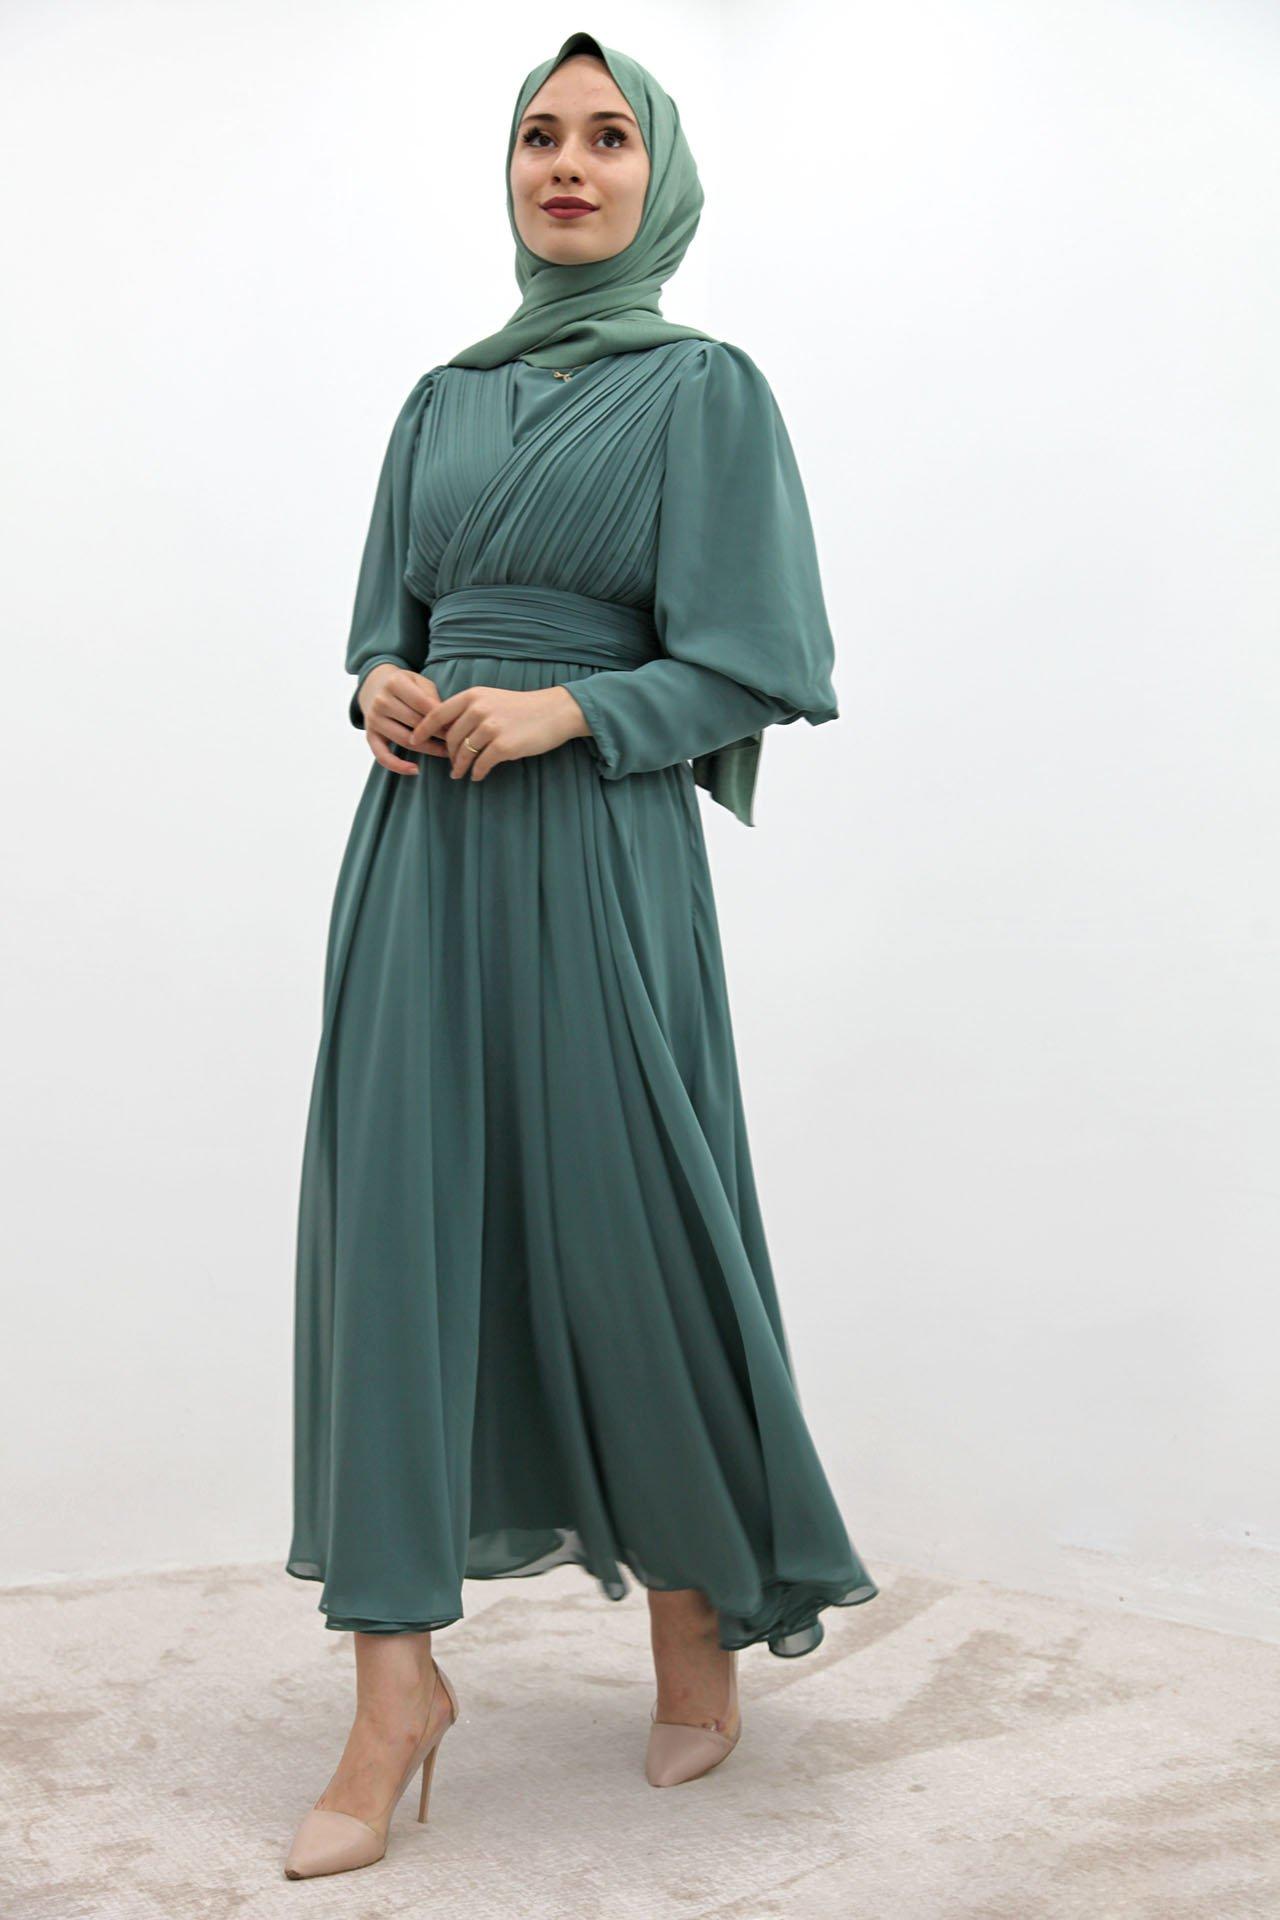 Kolu Manşetli Piliseli Elbise Mint - Thumbnail